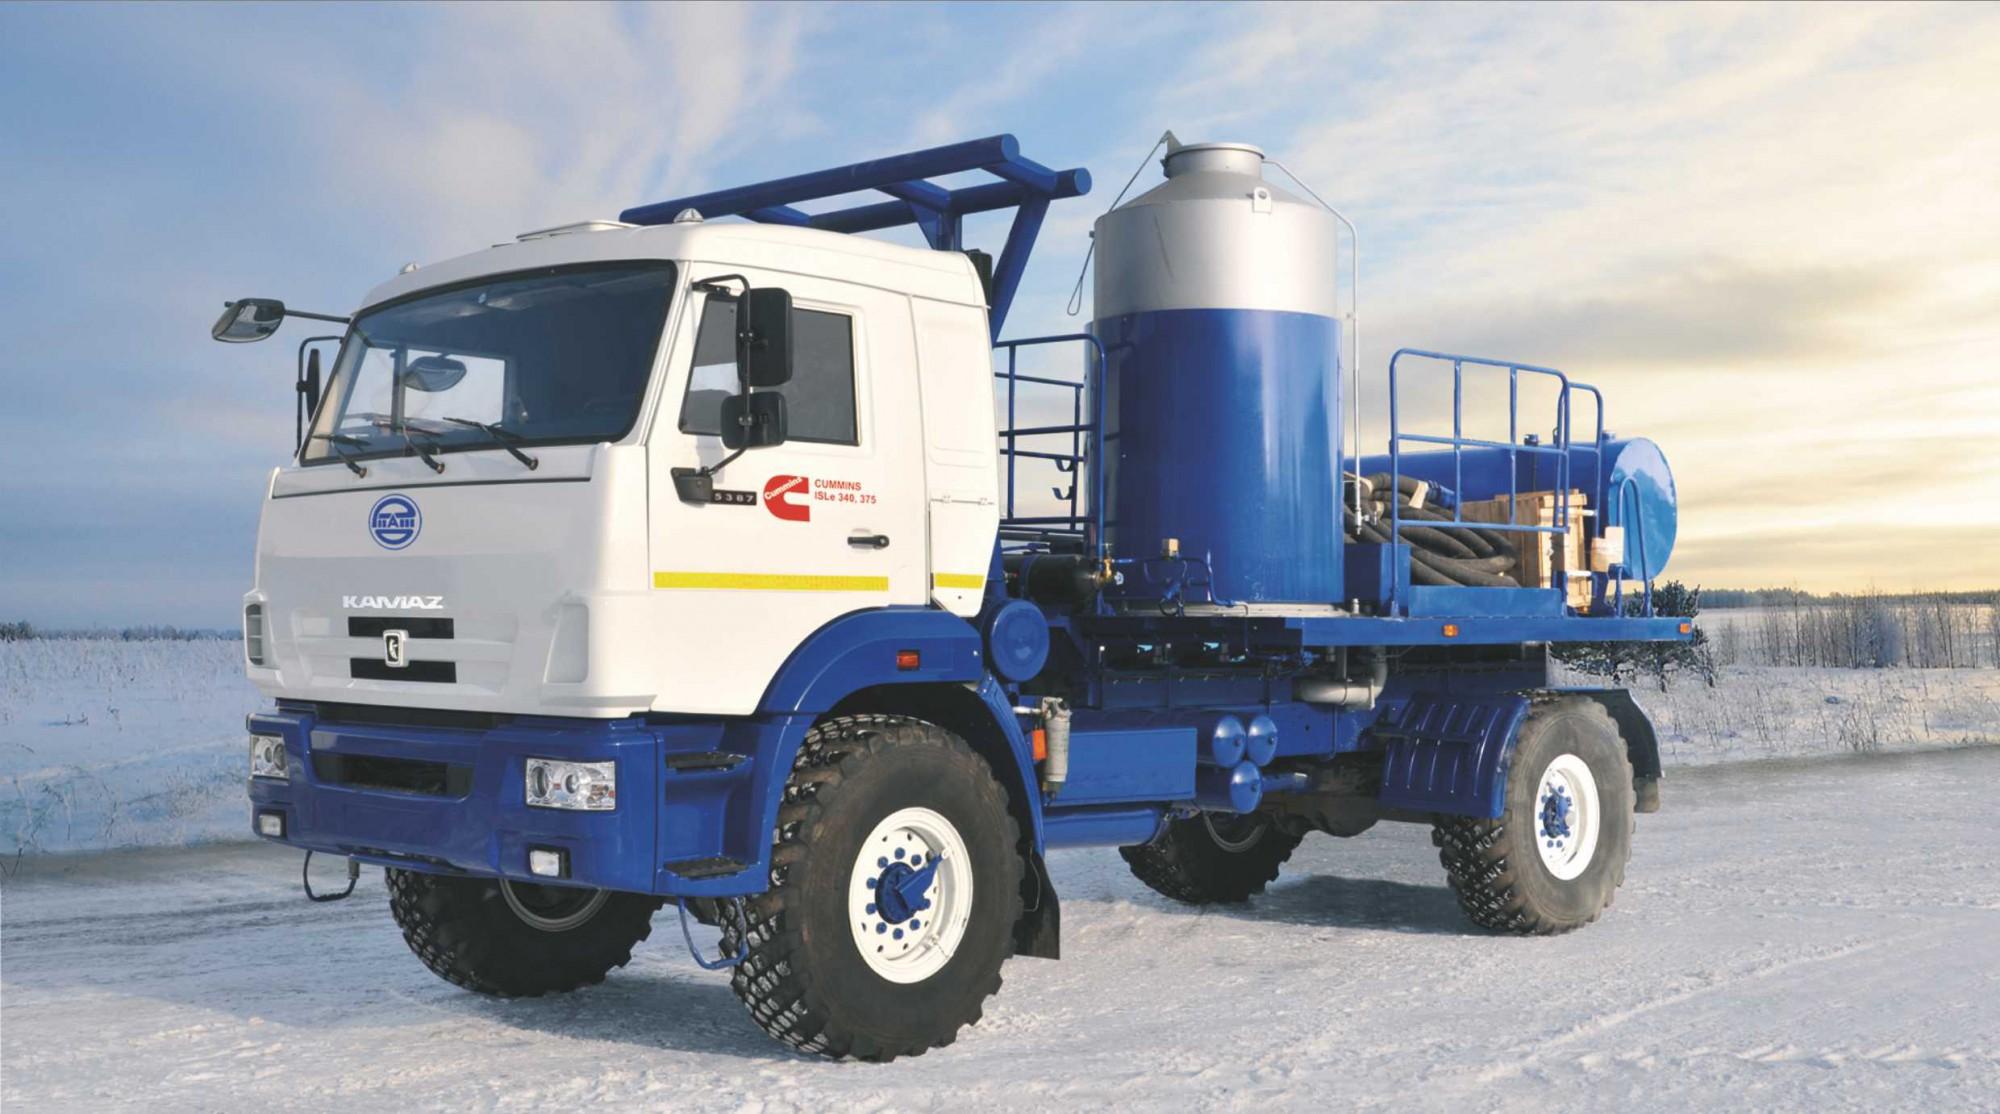 АДПМ 12/150 (Агрегат для депарафинизации скважин) с двигателем Cummins ISLe-C340